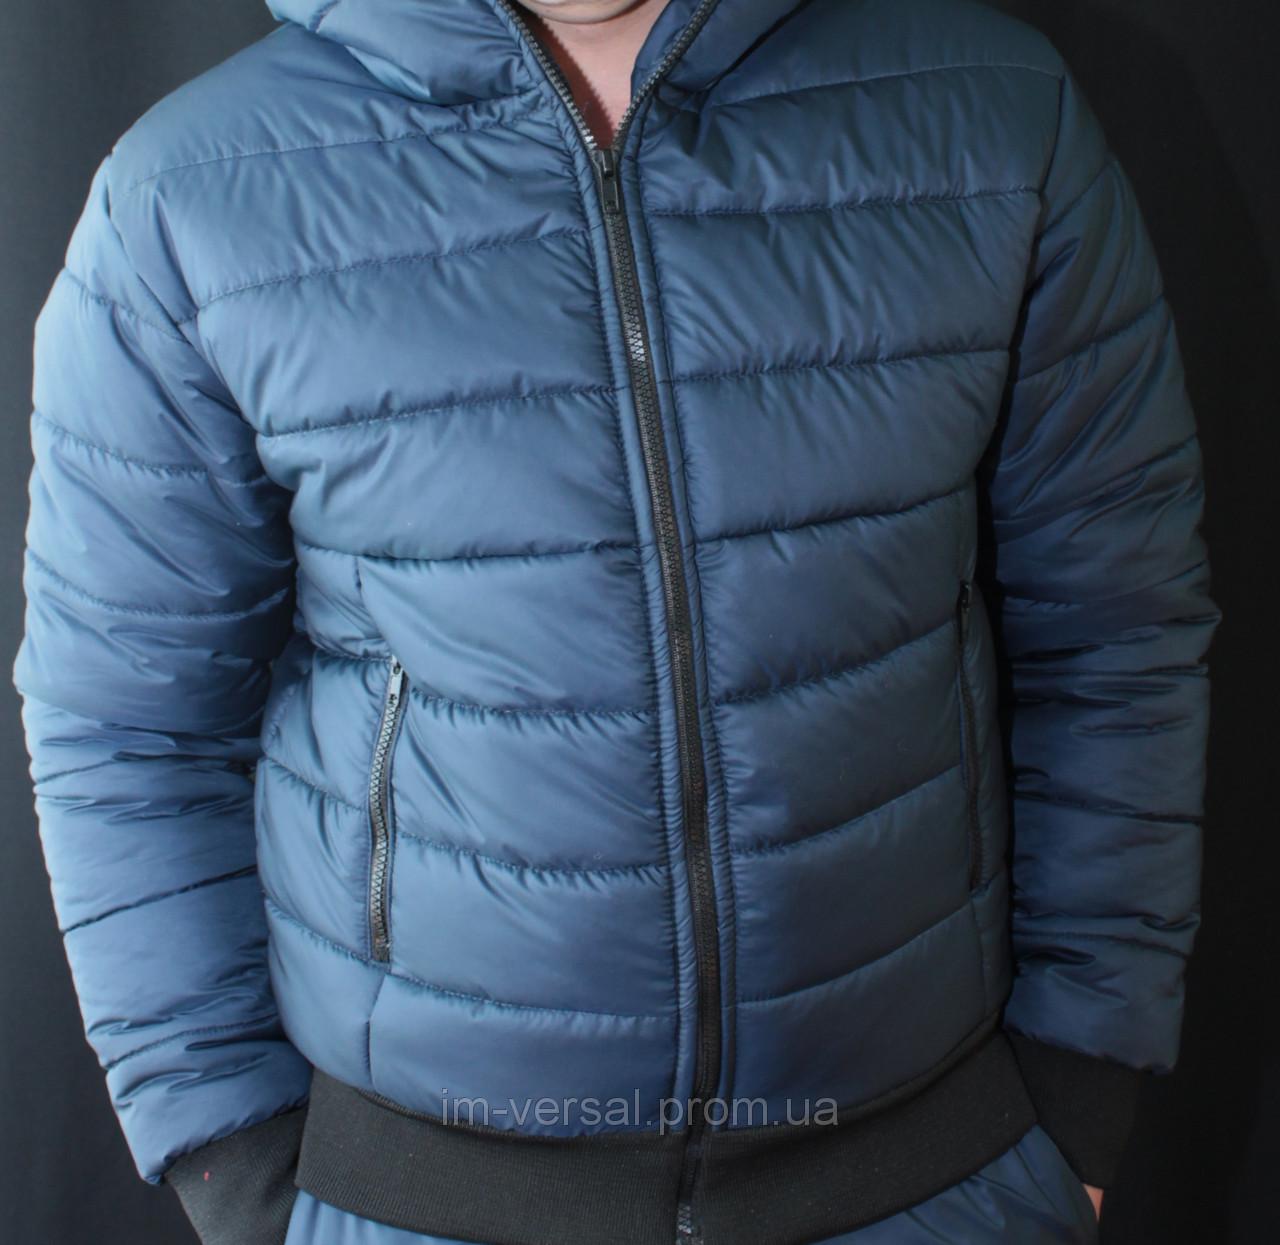 Куртки стеганые мужские